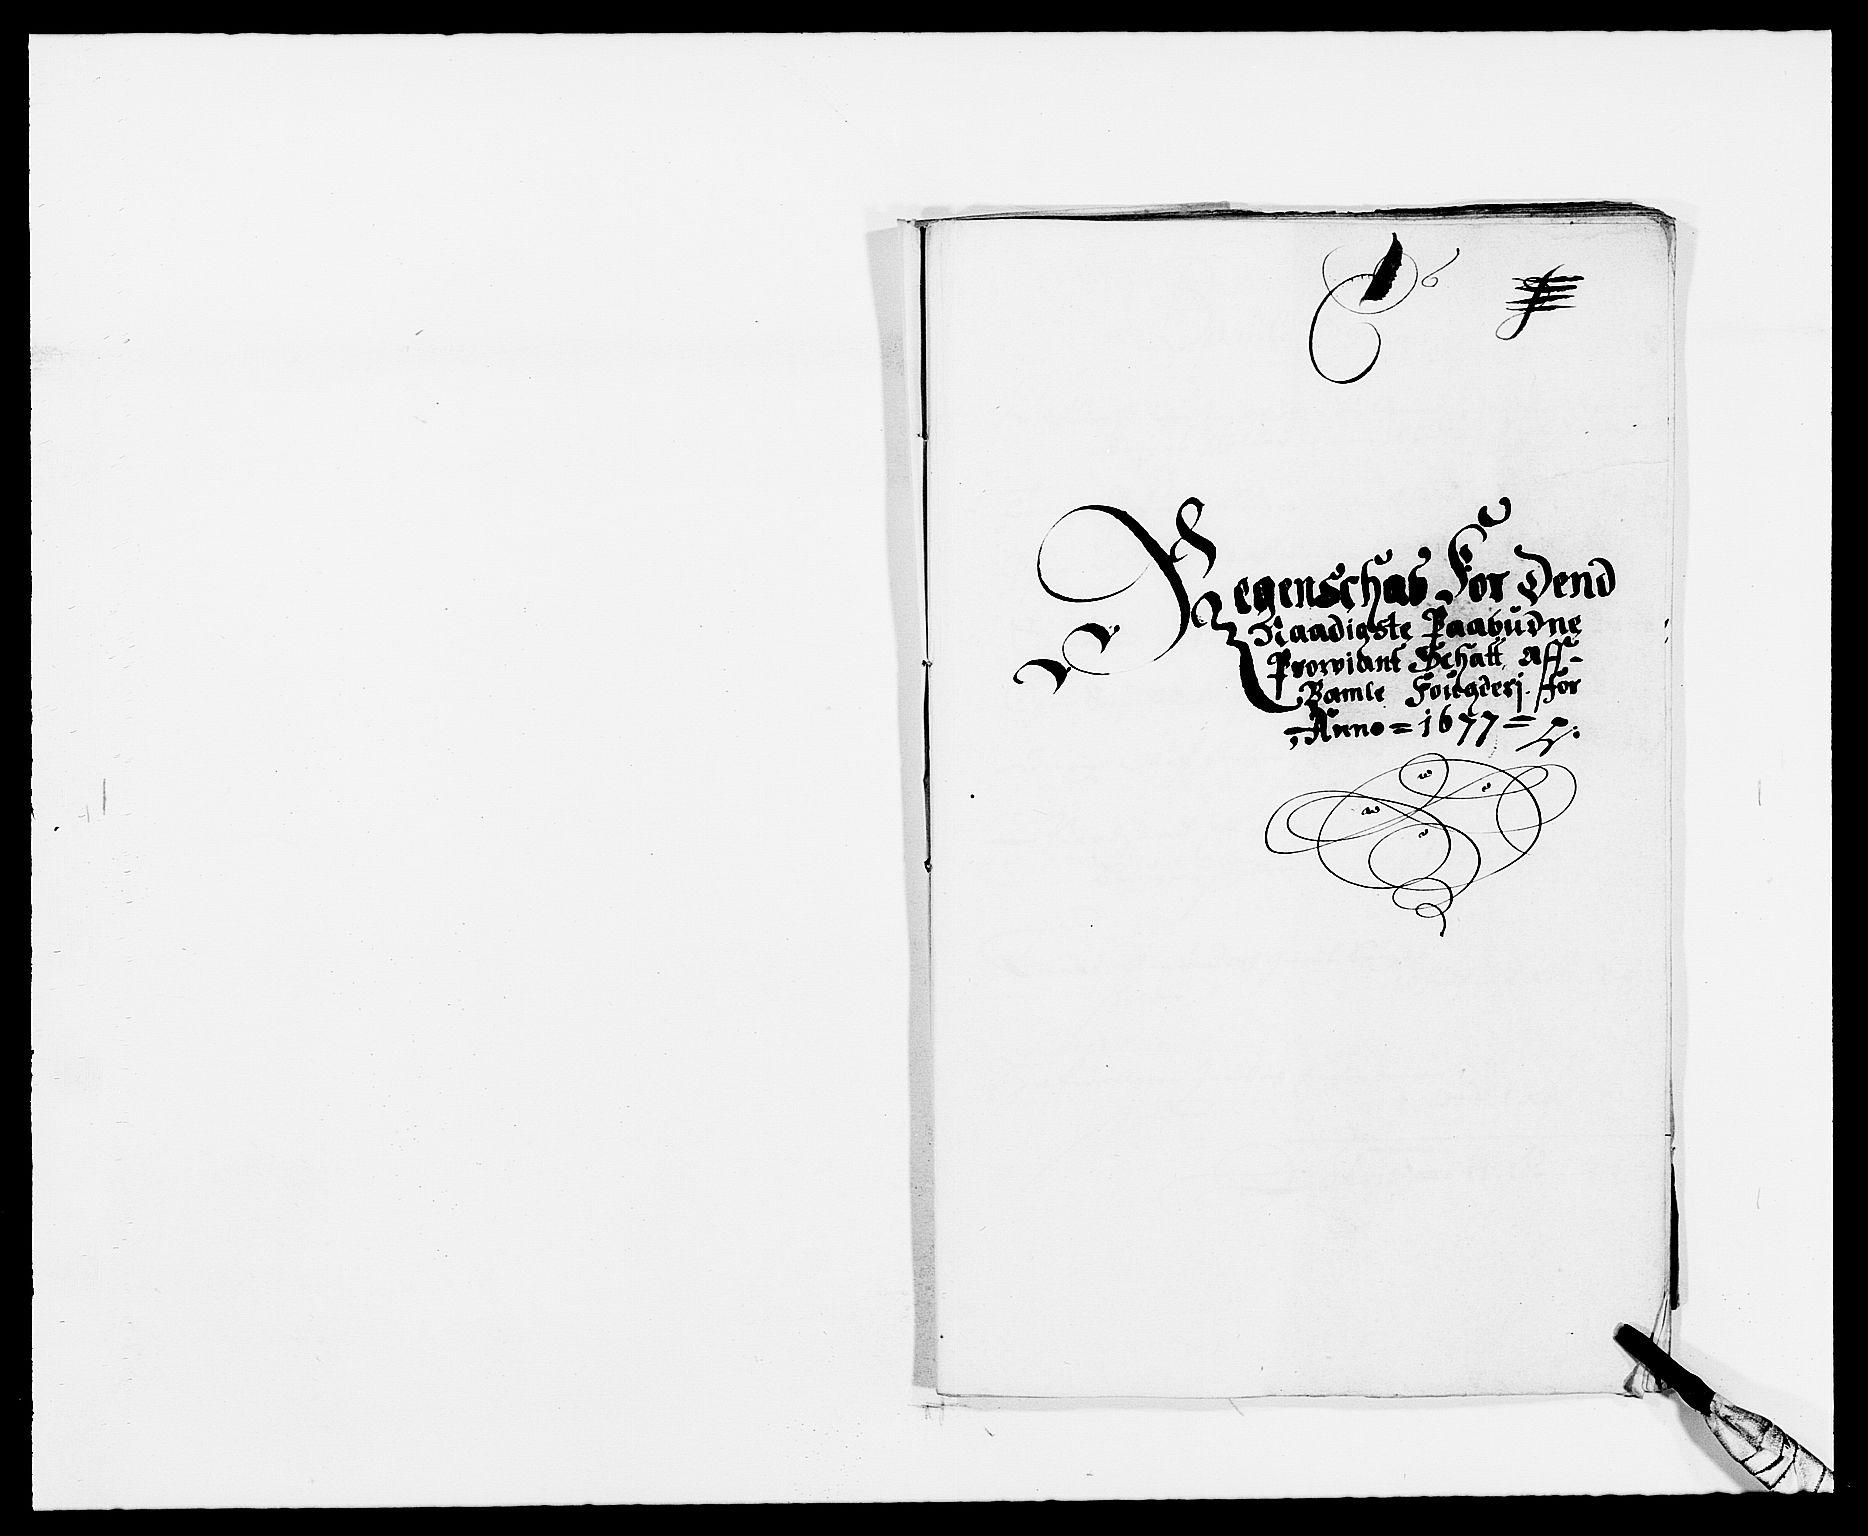 RA, Rentekammeret inntil 1814, Reviderte regnskaper, Fogderegnskap, R34/L2043: Fogderegnskap Bamble, 1676-1677, s. 336